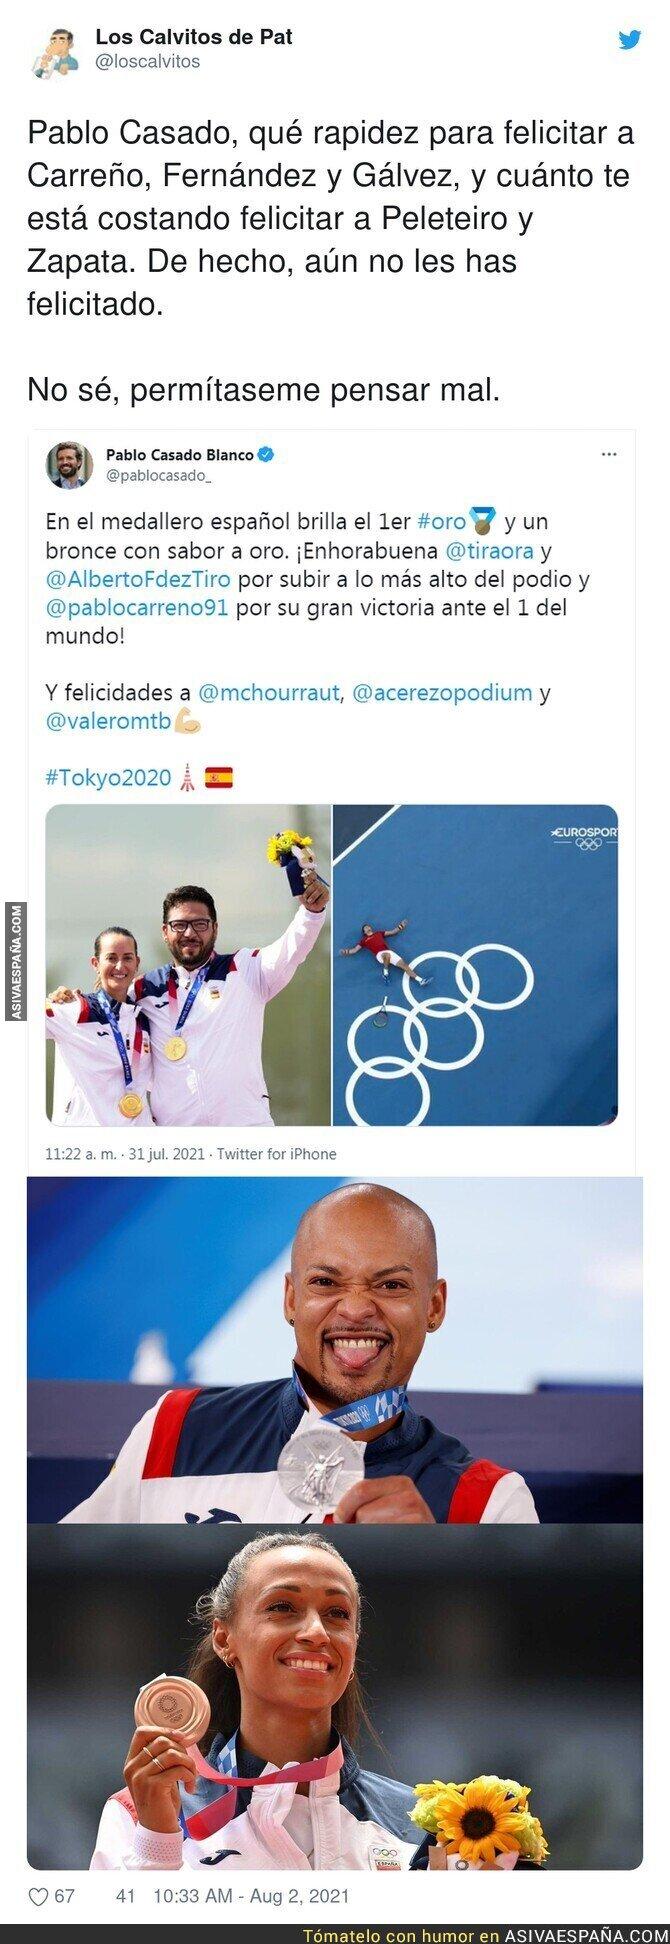 859138 - Pablo Casado no sabe felicitar a según que deportistas españoles